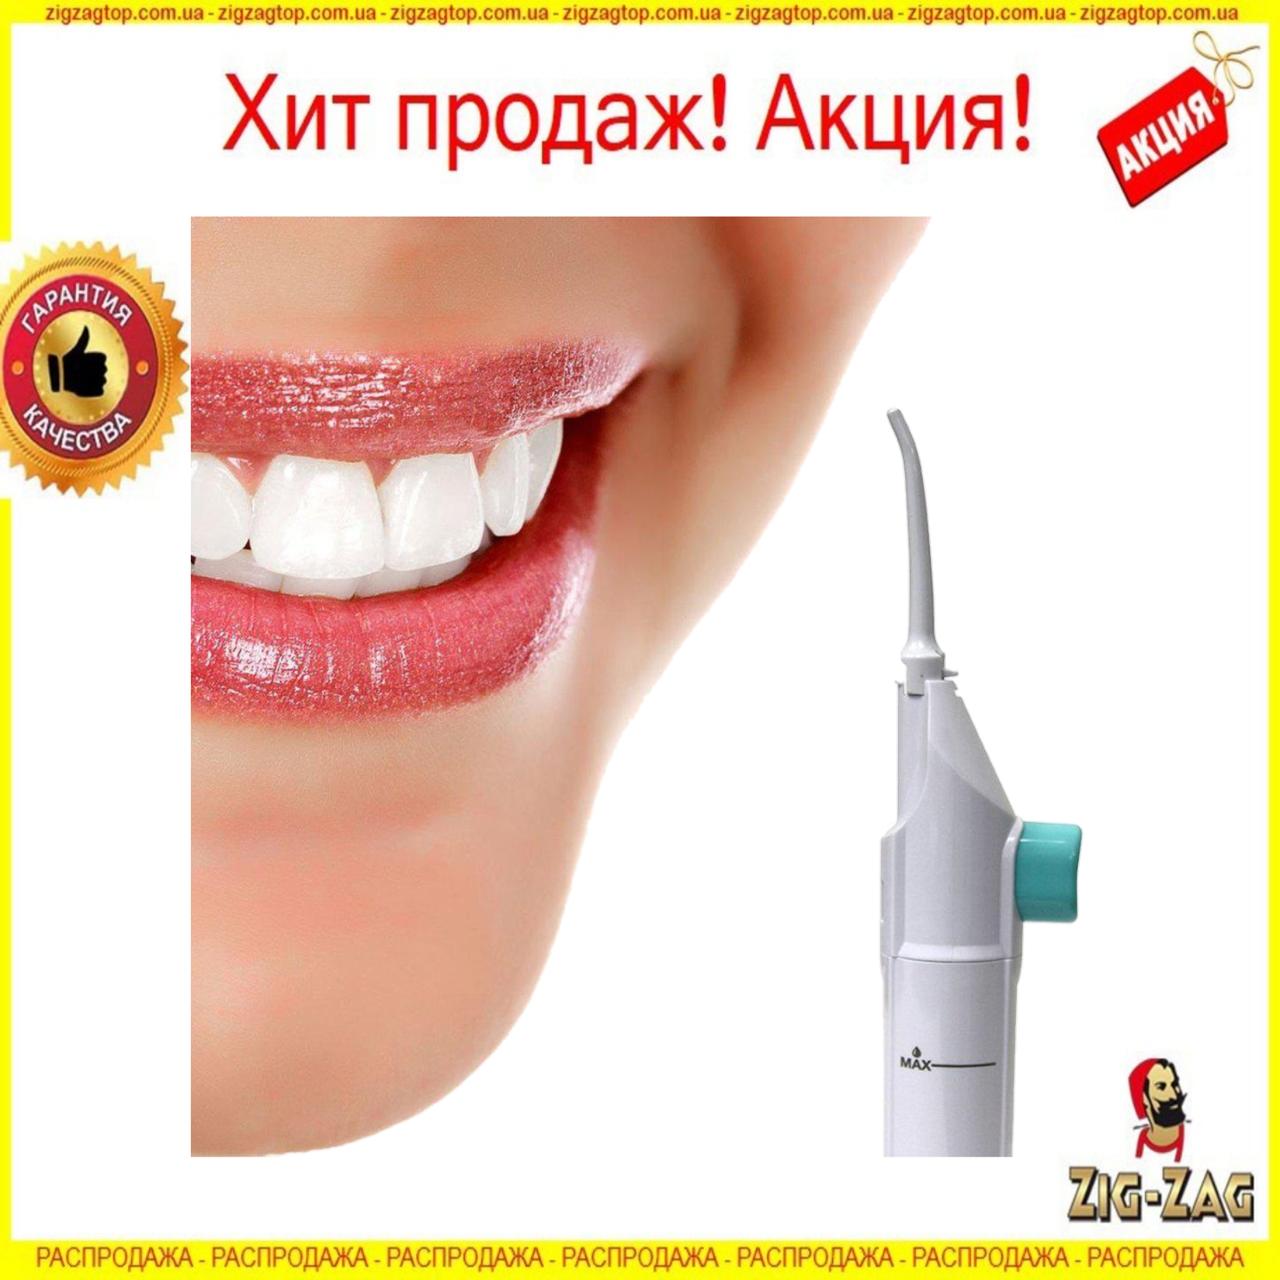 Іригатор для порожнини рота Power Floss Персональний очищувач зубів для Дітей і Дорослих гігієнічний NEW!